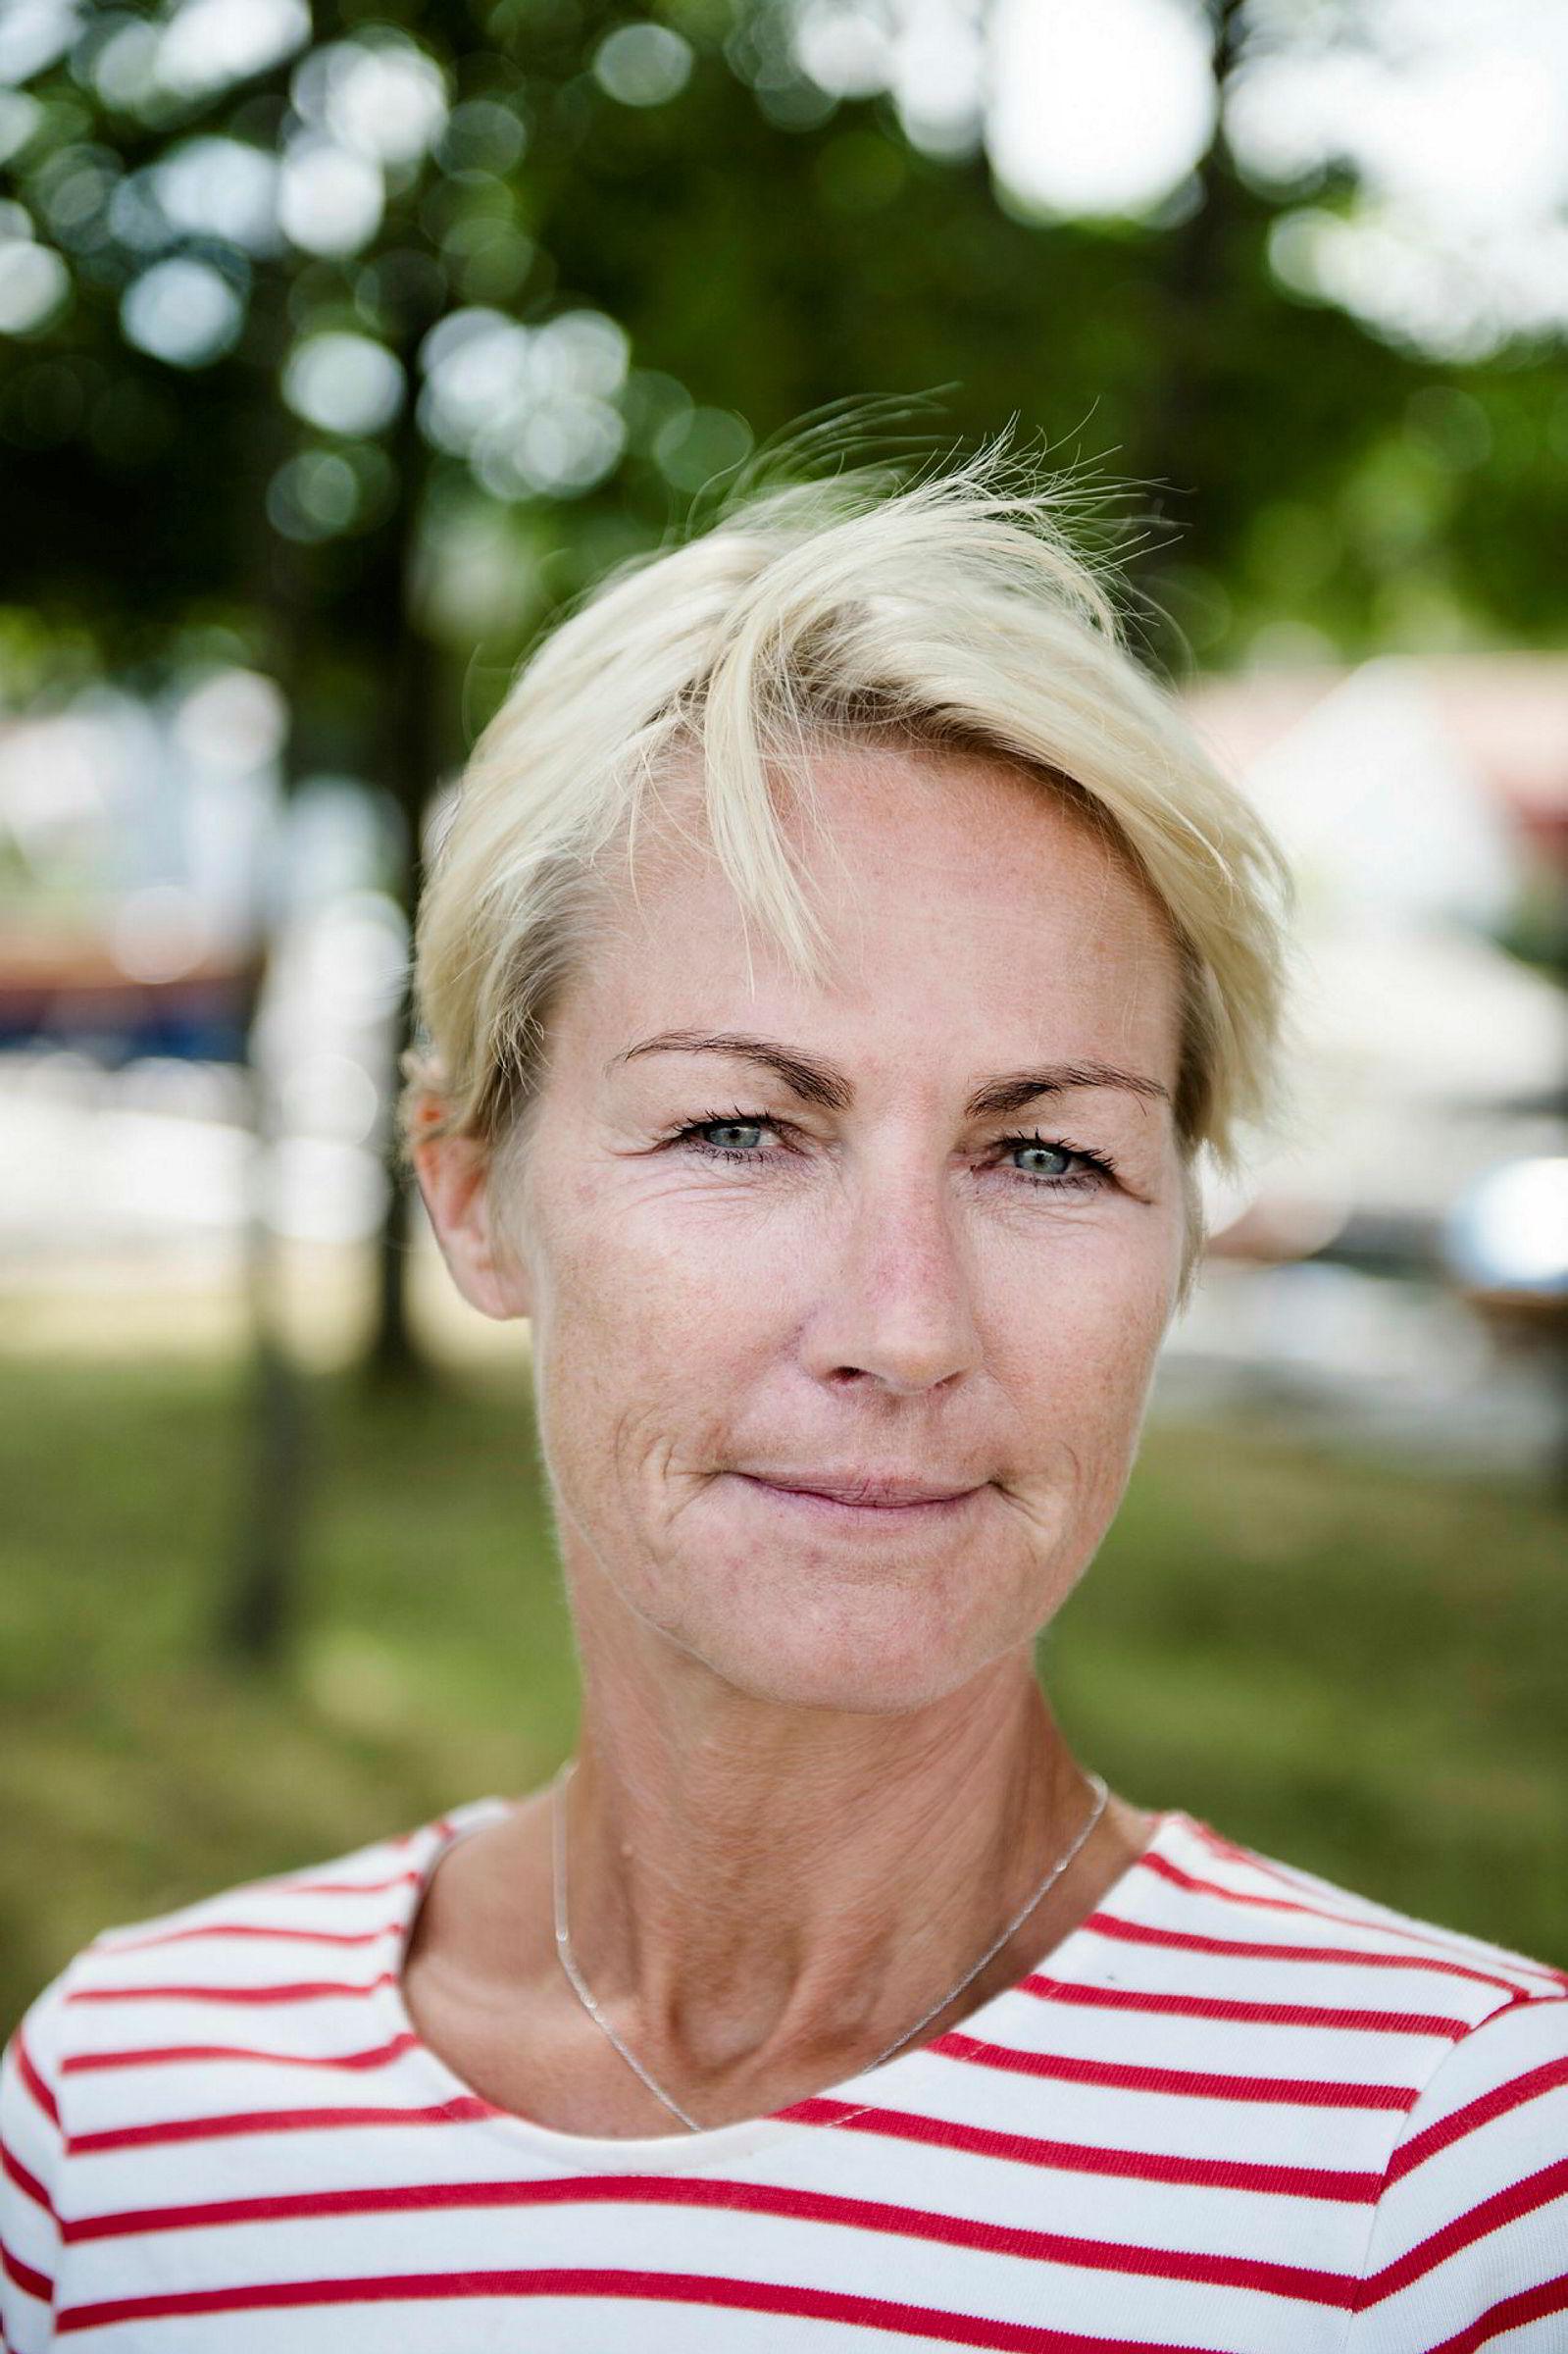 Elisabeth Grieg, deleier i Grieg-gruppen, og hennes mann er én av flere investorer Empower har fått med seg på emisjonen. Her fra 2014 i Stavern.